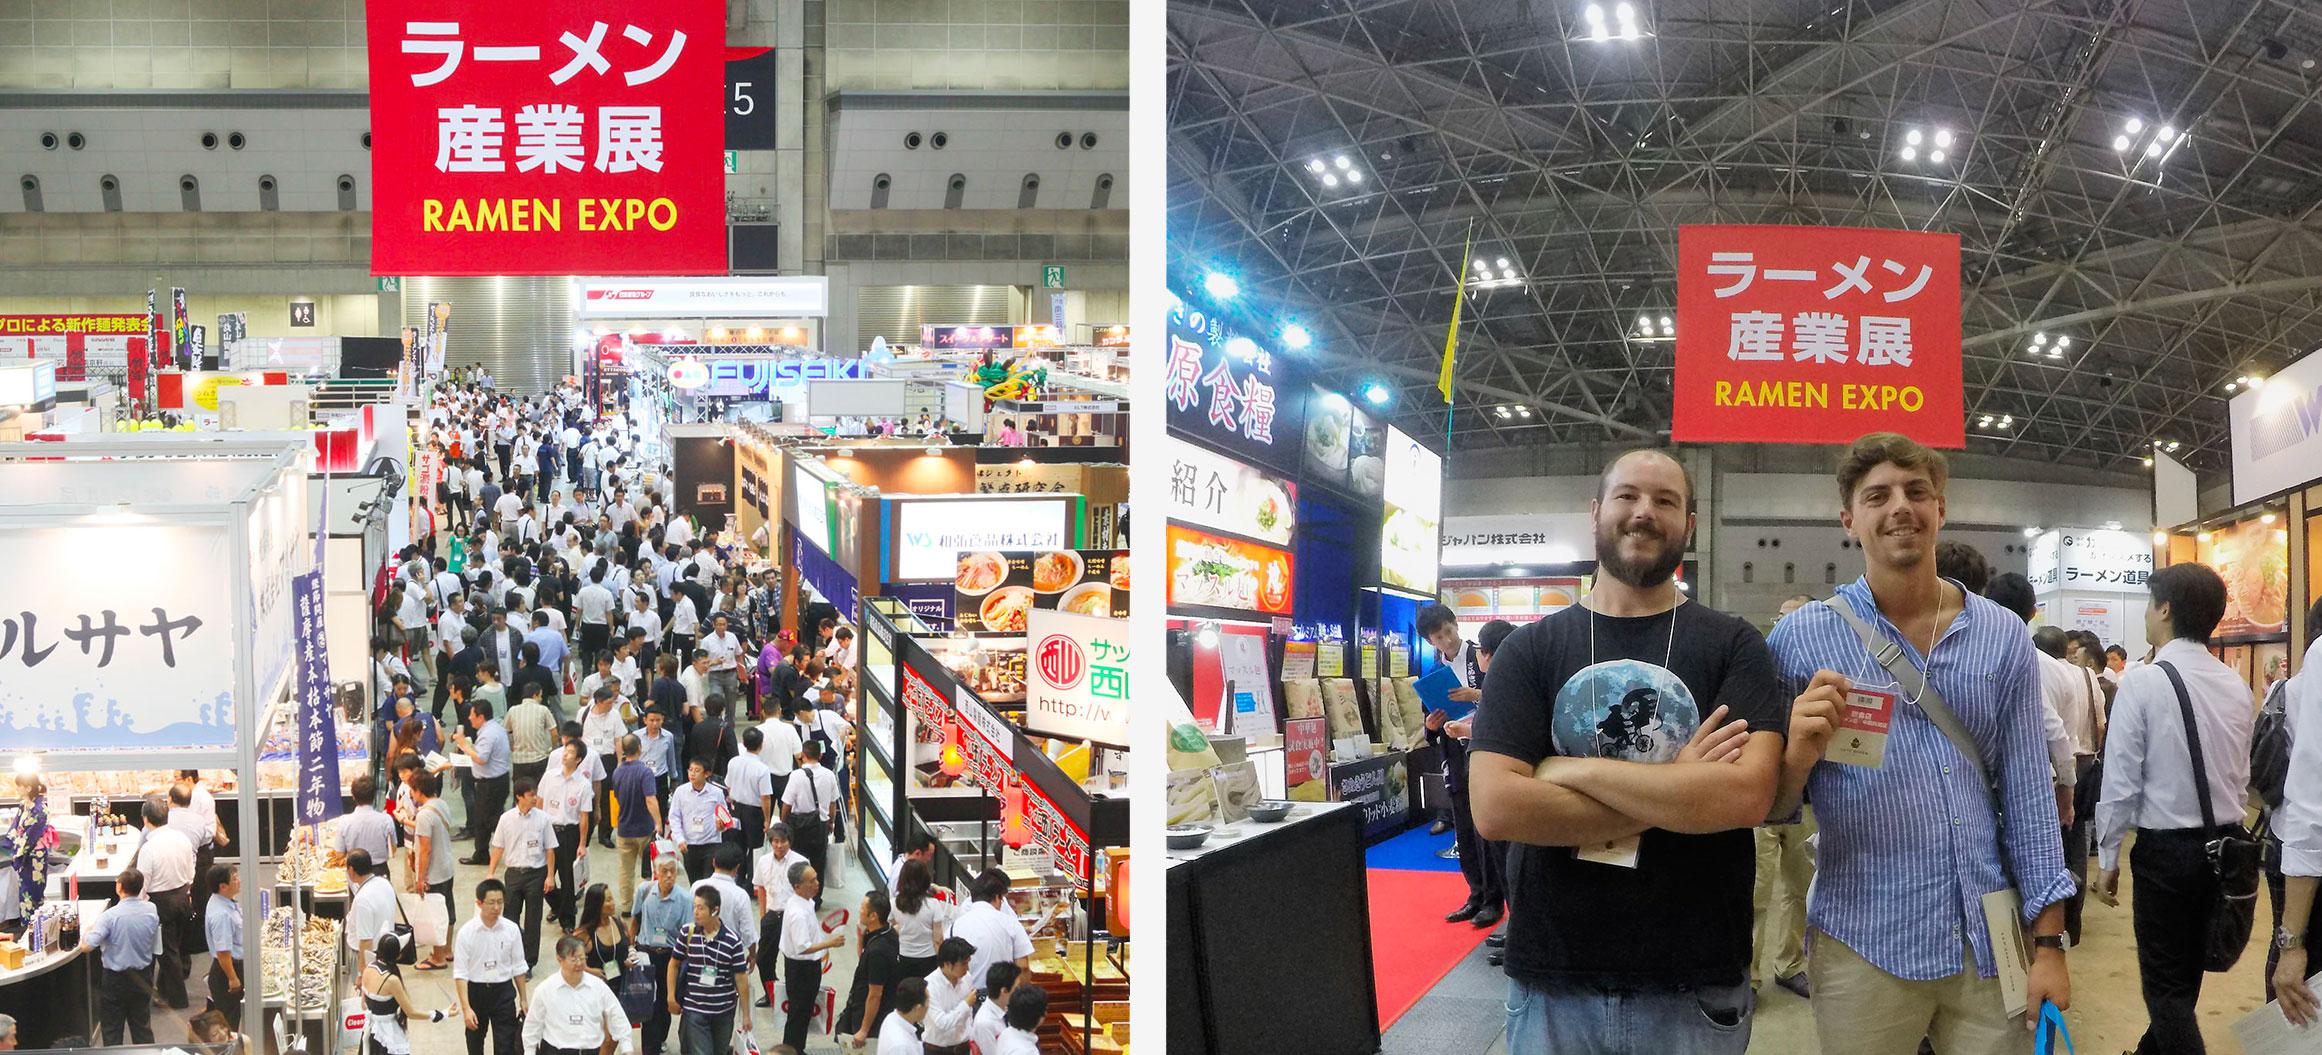 Ramen Expo